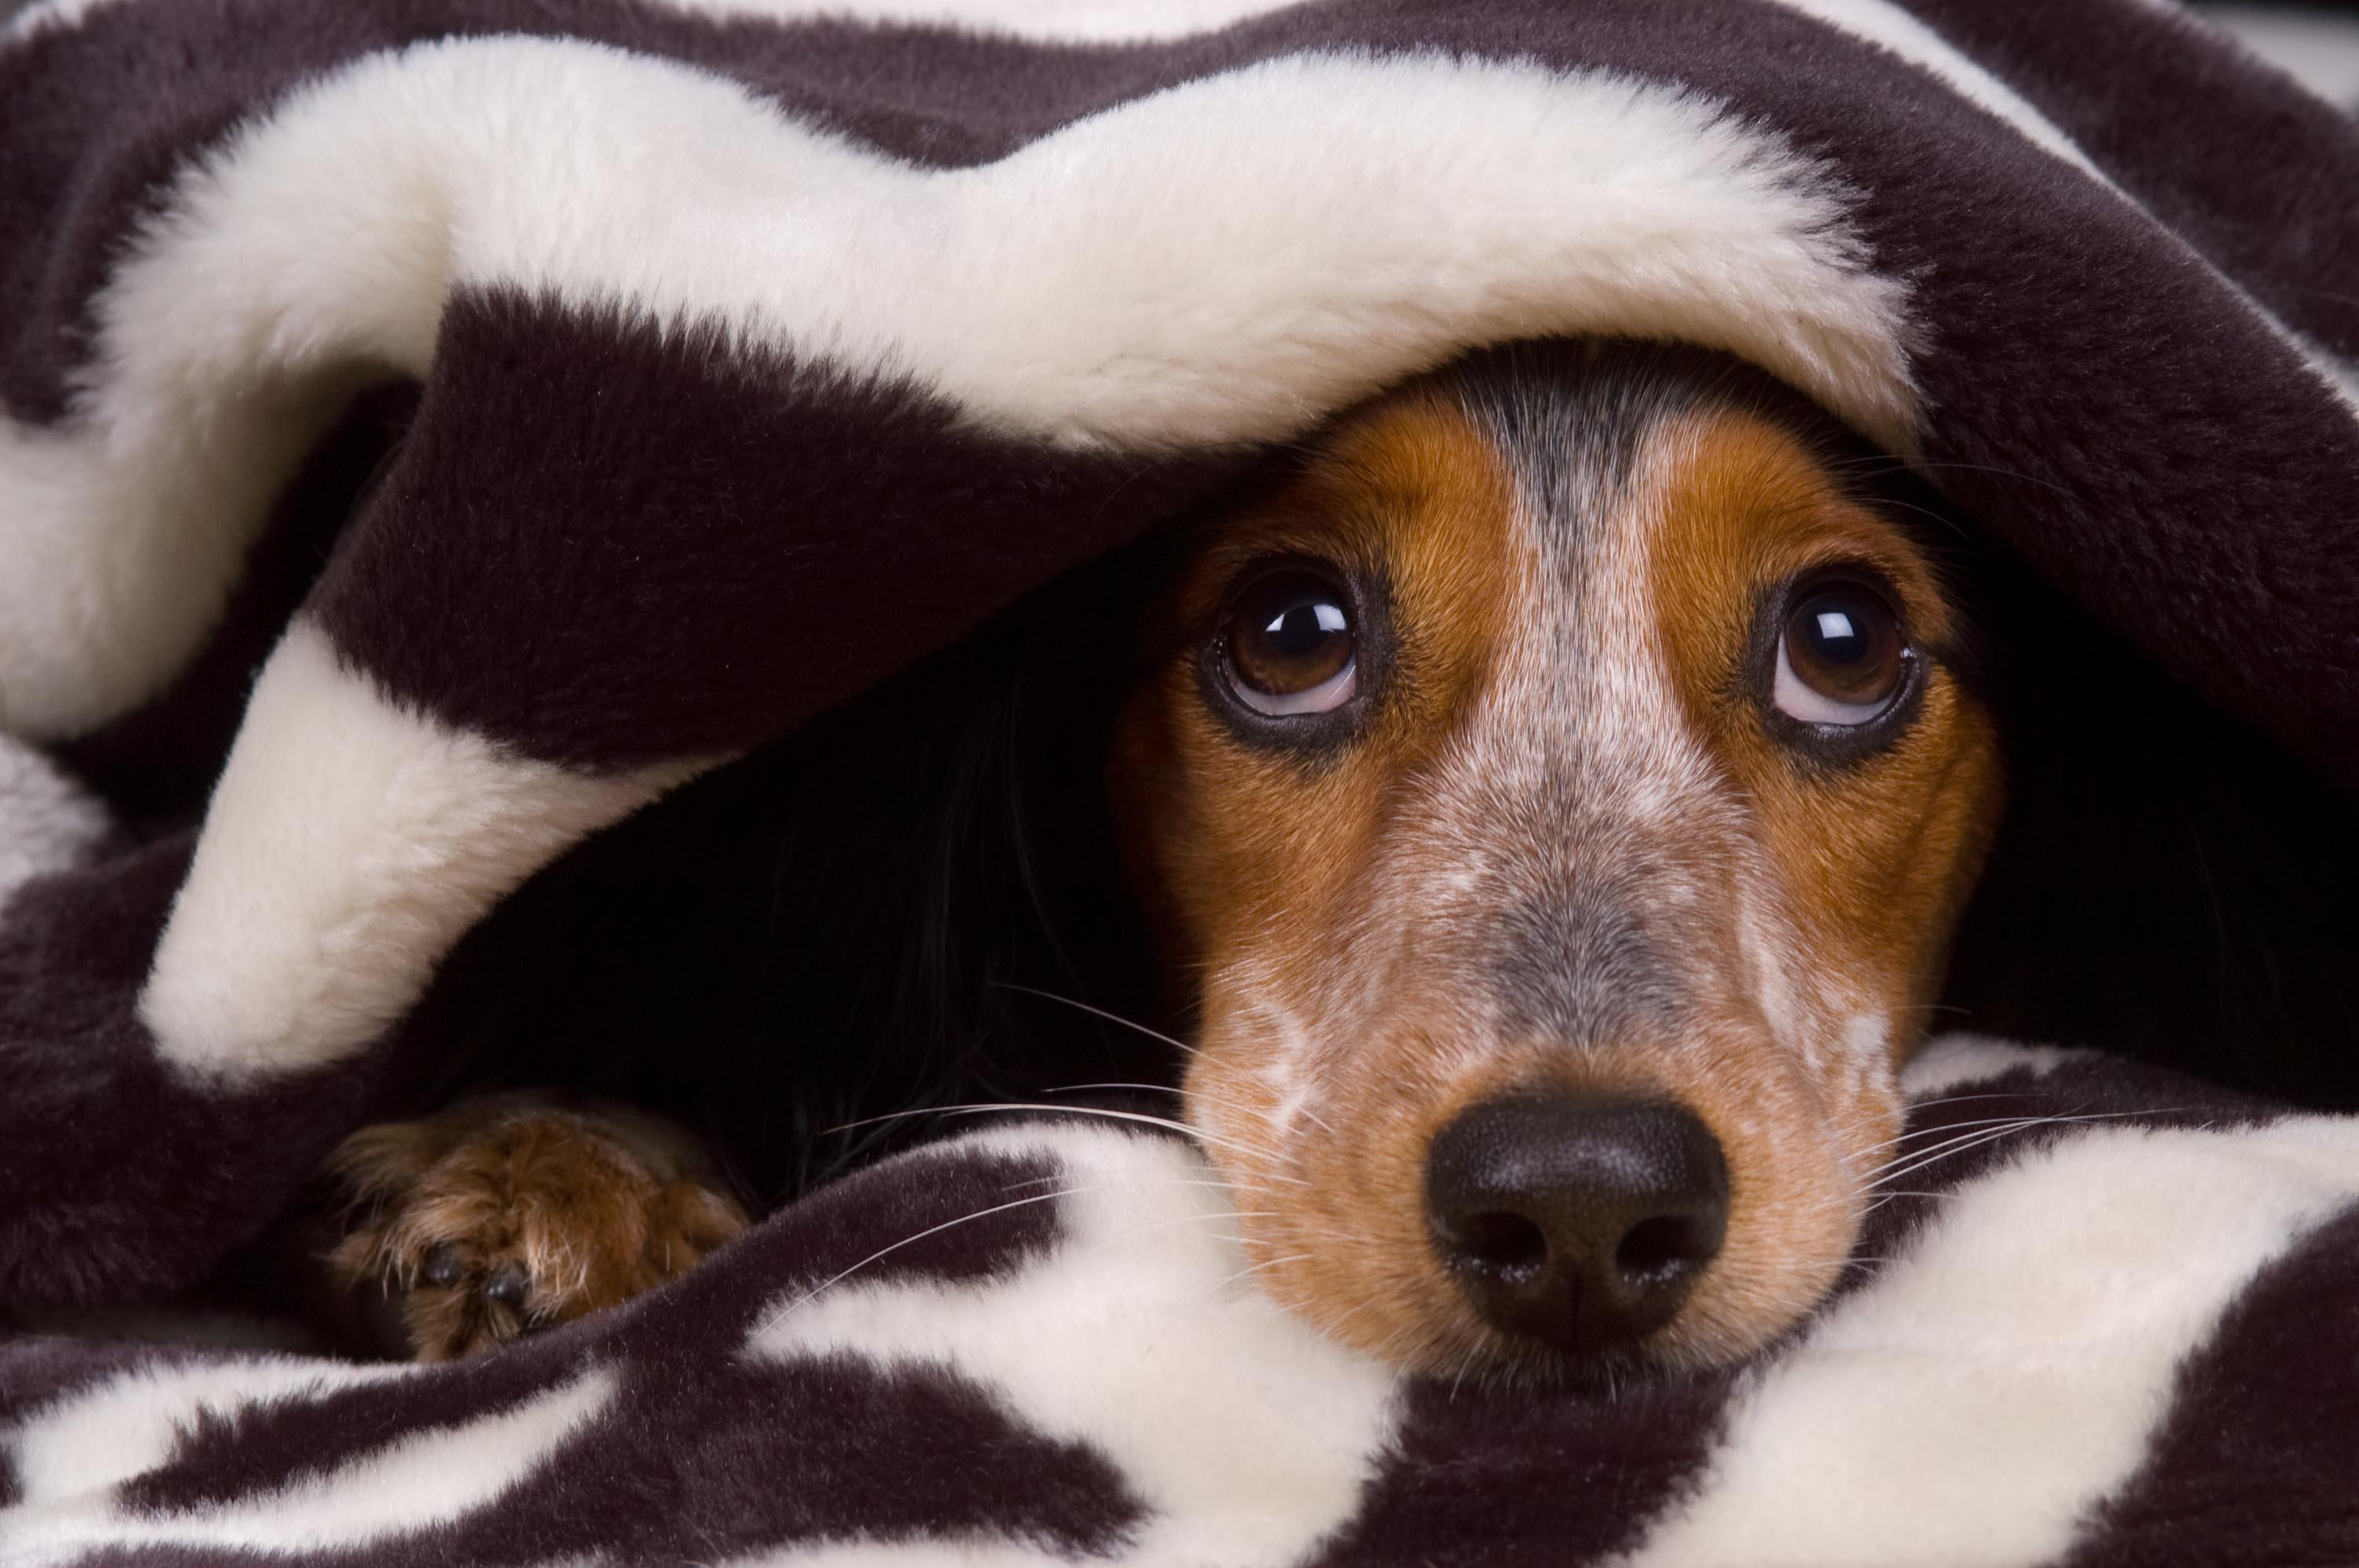 Cachorro e fogos de artifício: treine seu pet para perder o medo | Foto: Reprodução